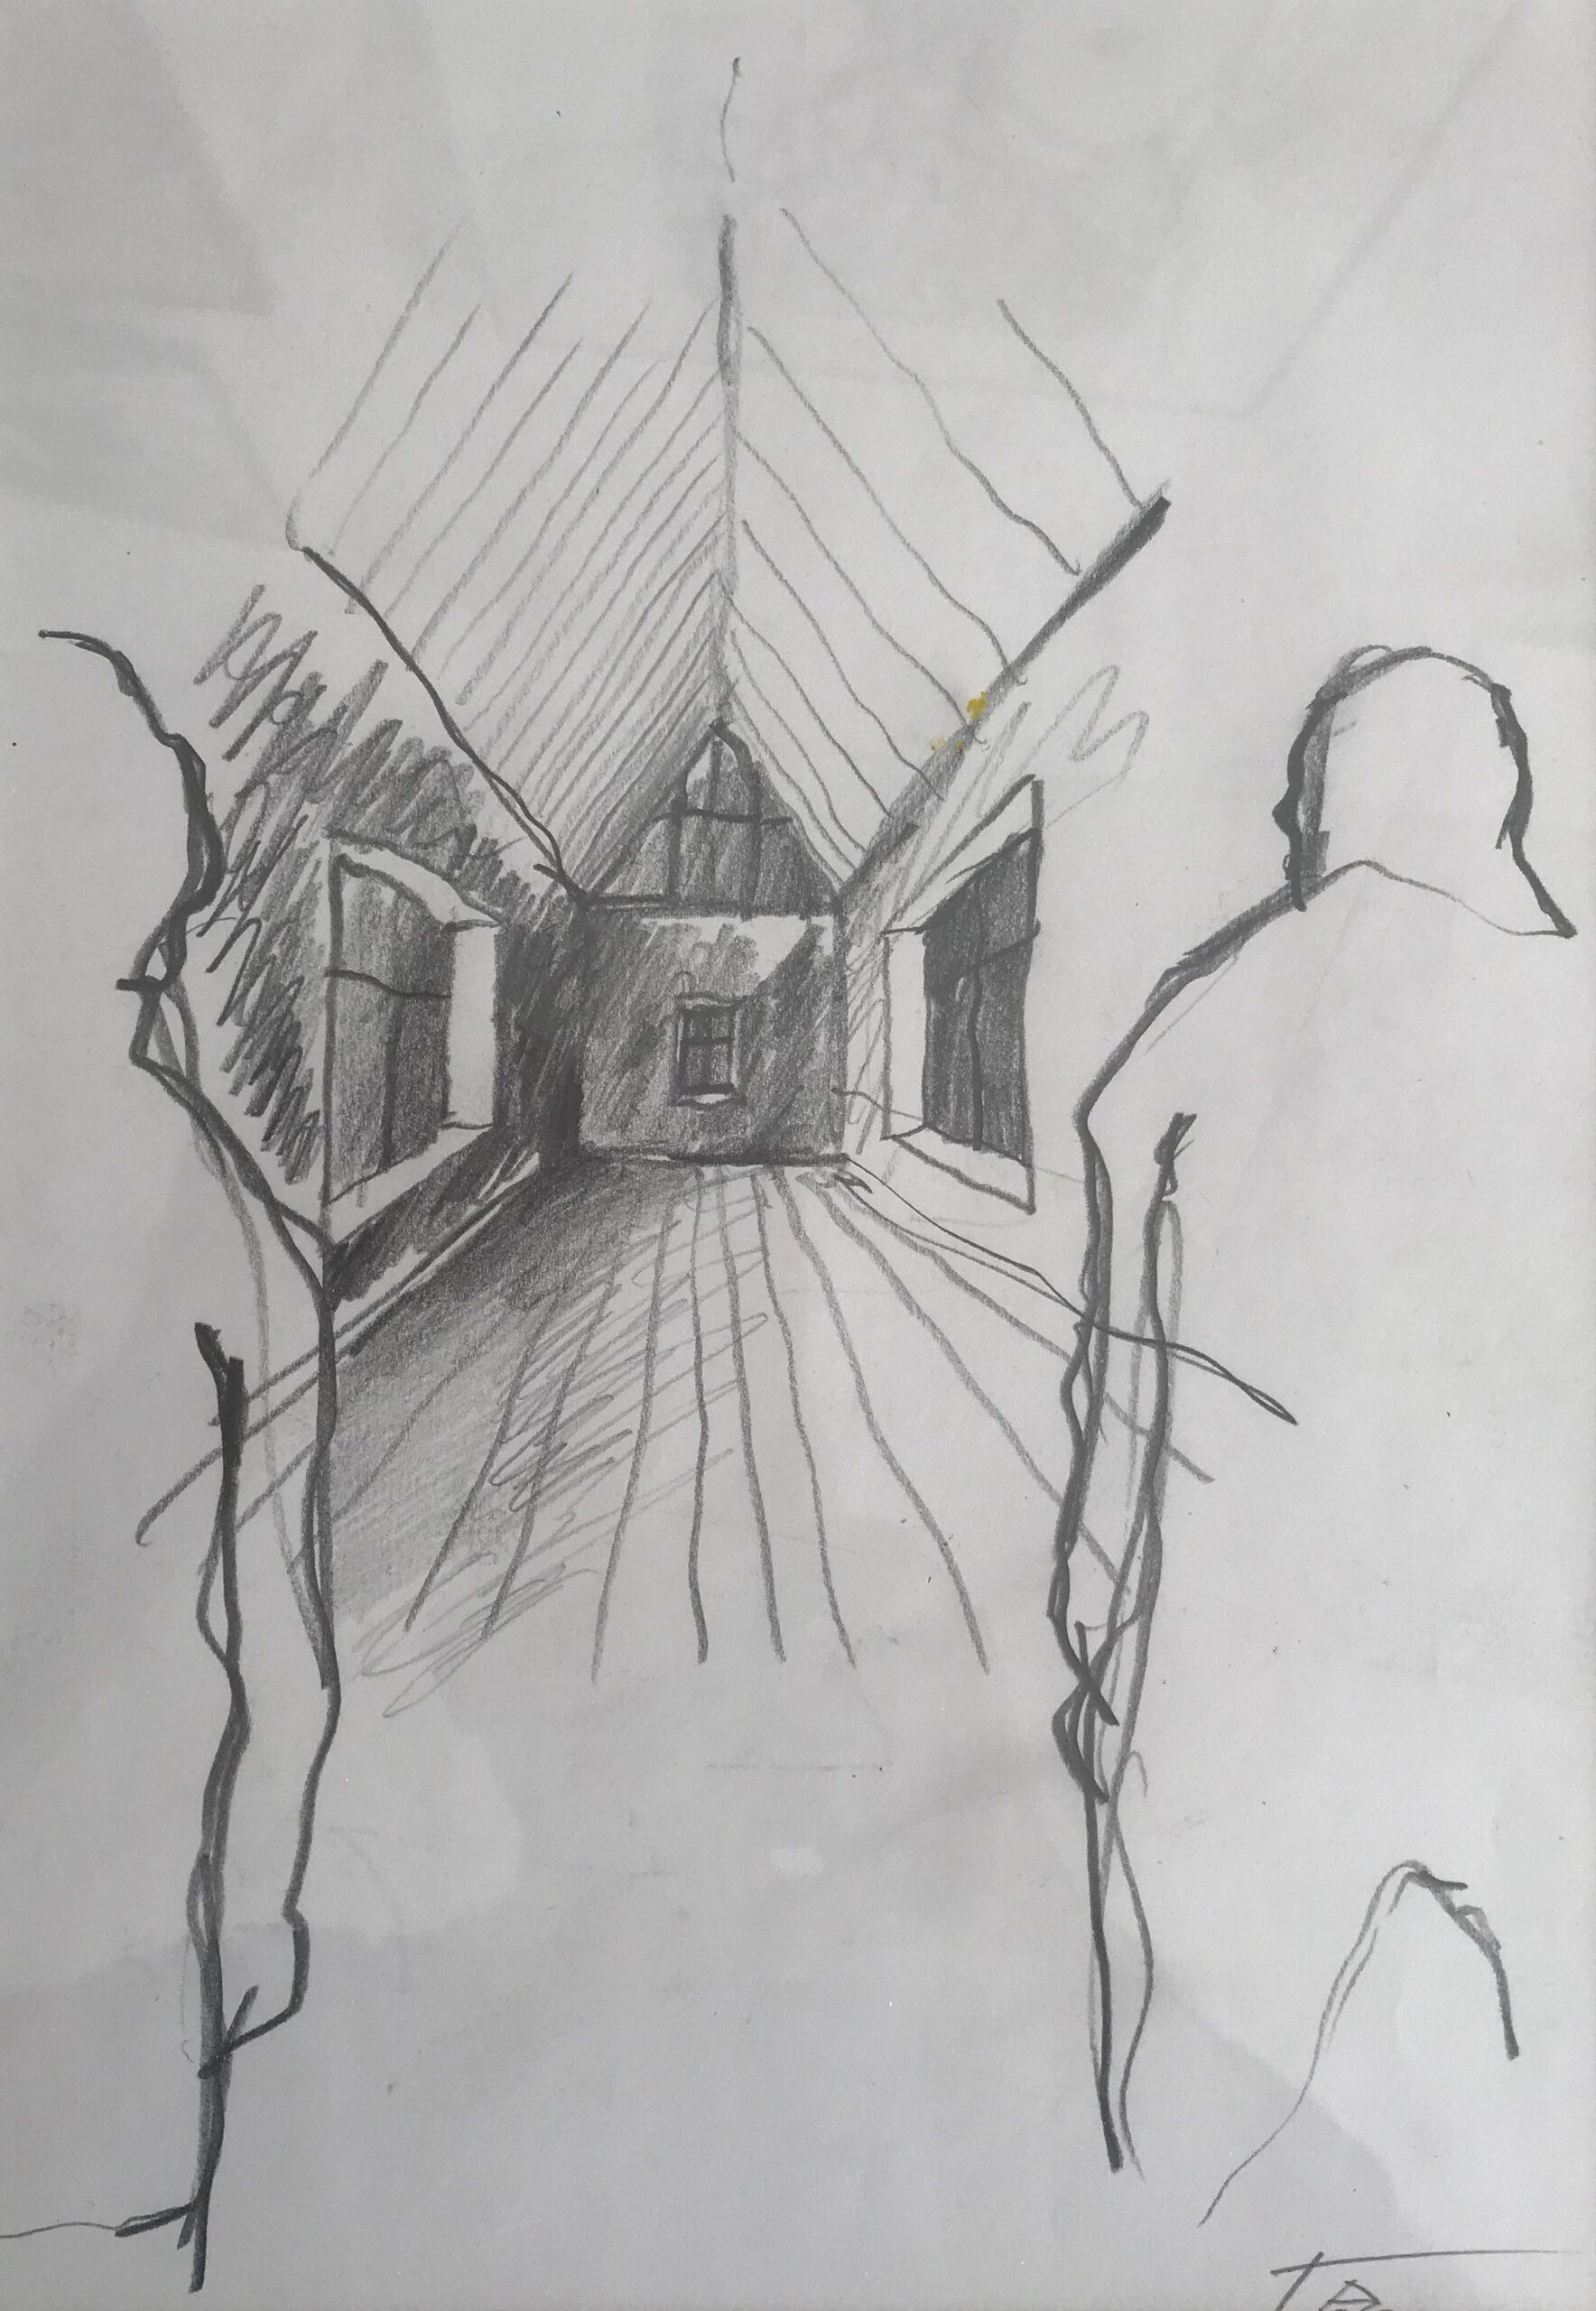 GETRENNT, 30x21, Bleistift, 1992